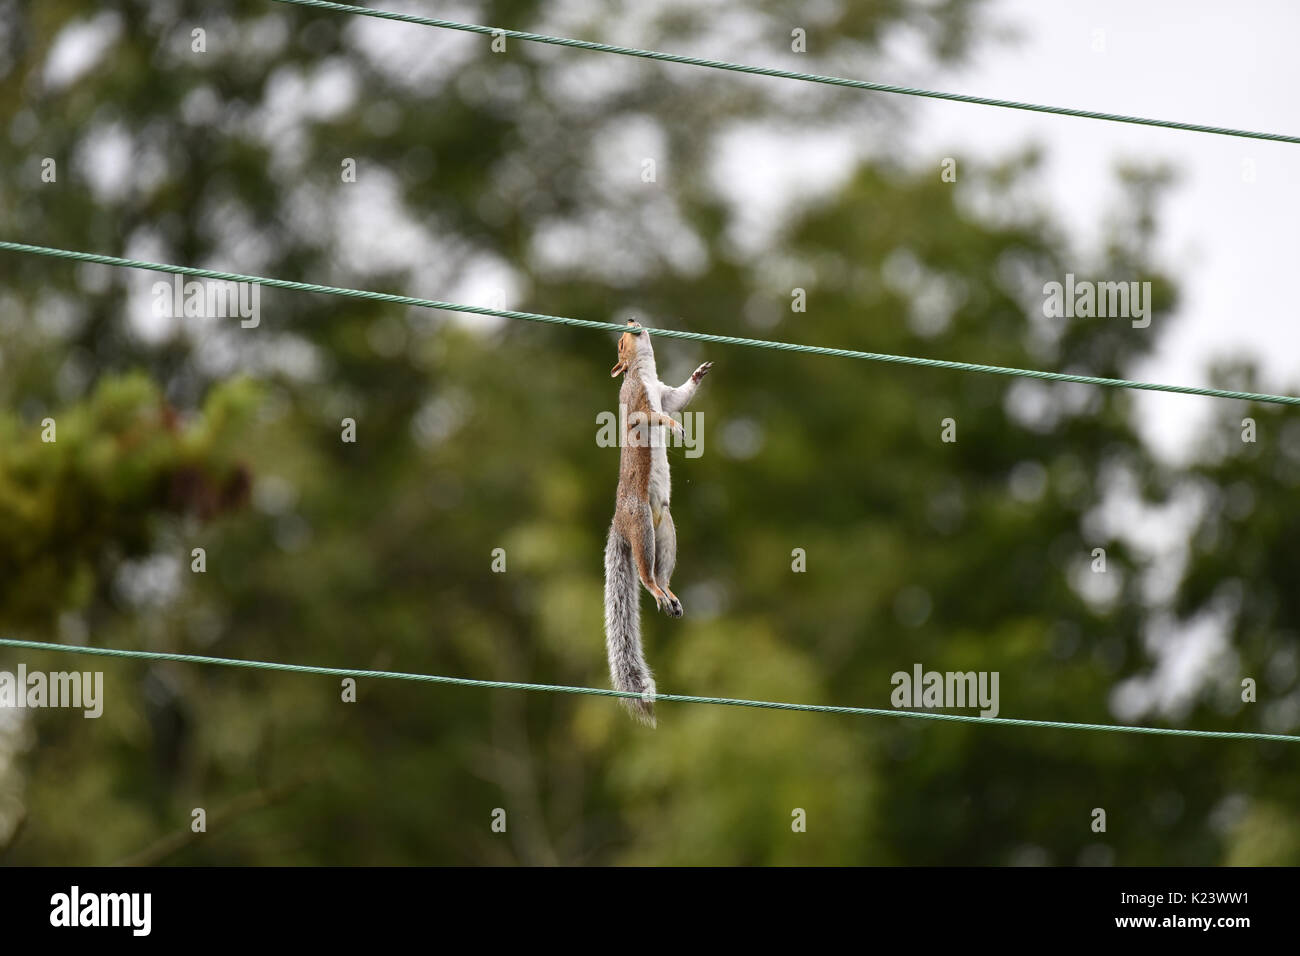 Graue Eichhörnchen sind berühmt für ihre akrobatischen Fähigkeiten ...